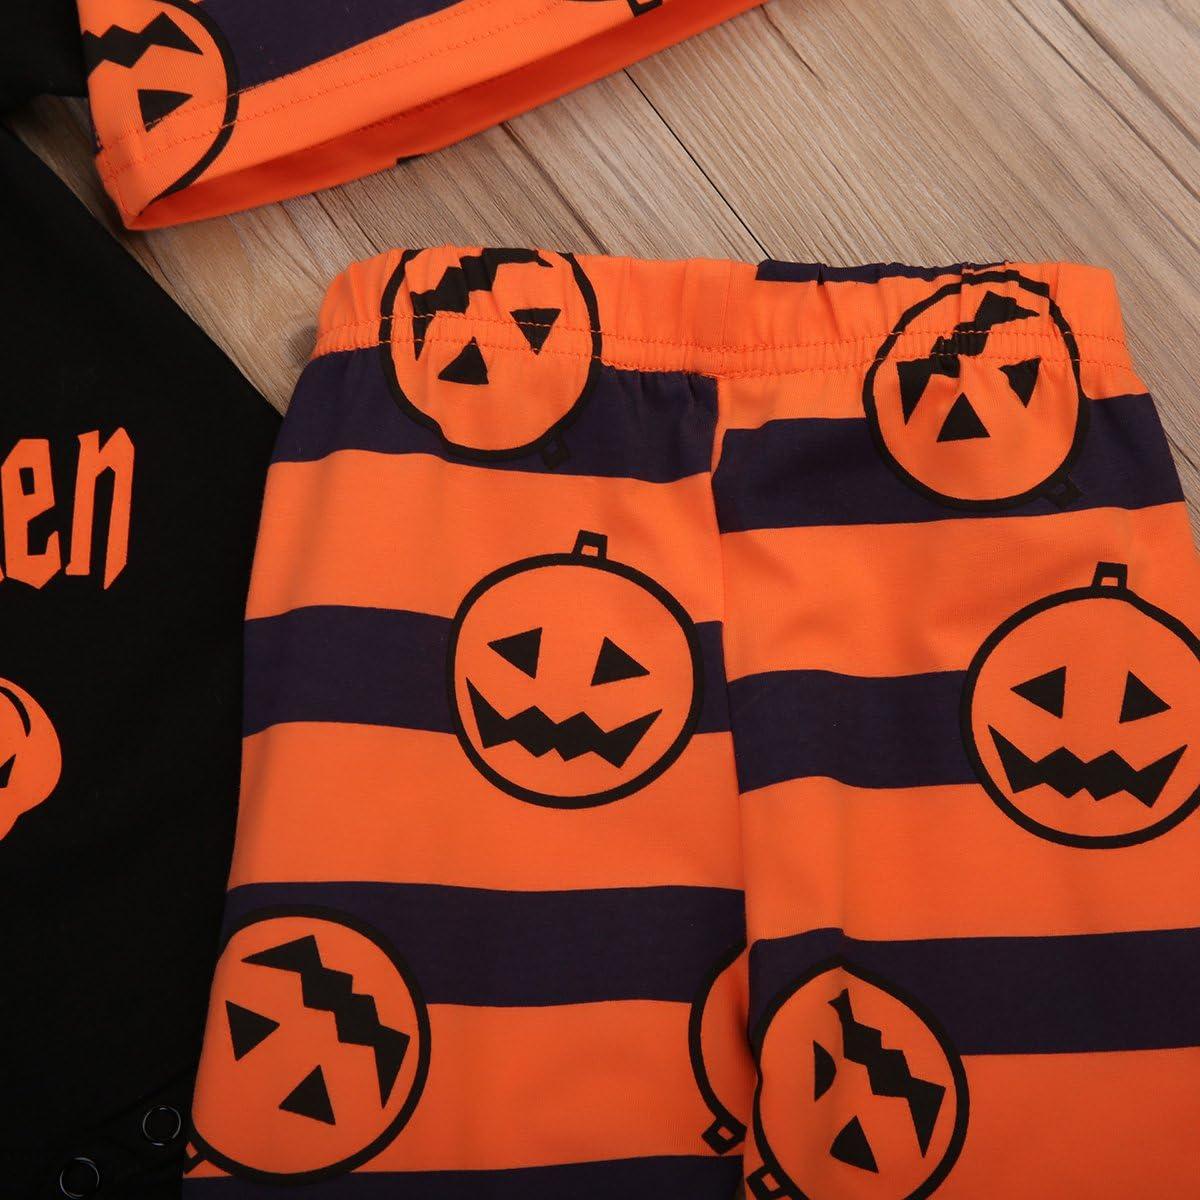 Cappuccio Carolilly Halloween 3 Pezzi Completini Neonato Tuta Bambina Vestito Pagliaccetto Neonato Pantaloni per i Bambini da 0-24 Mesi